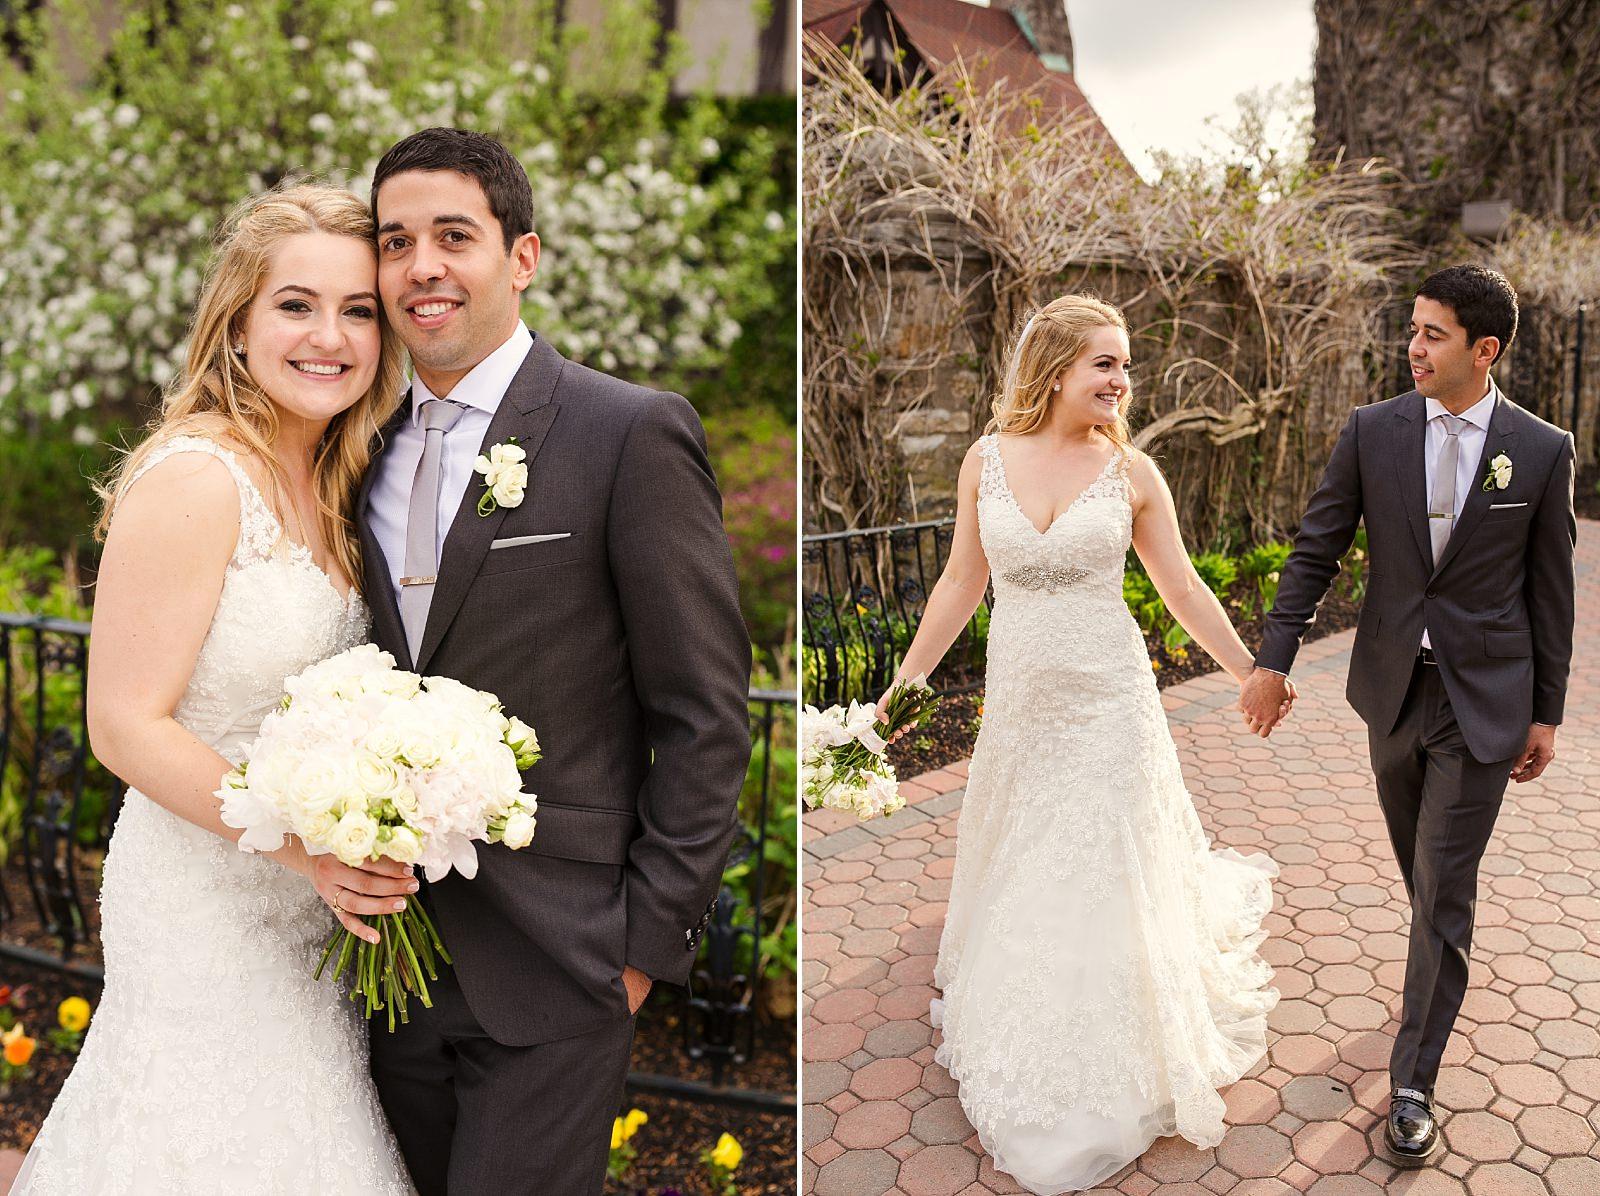 CT_Wedding_Photographer_KrCh_26.jpg